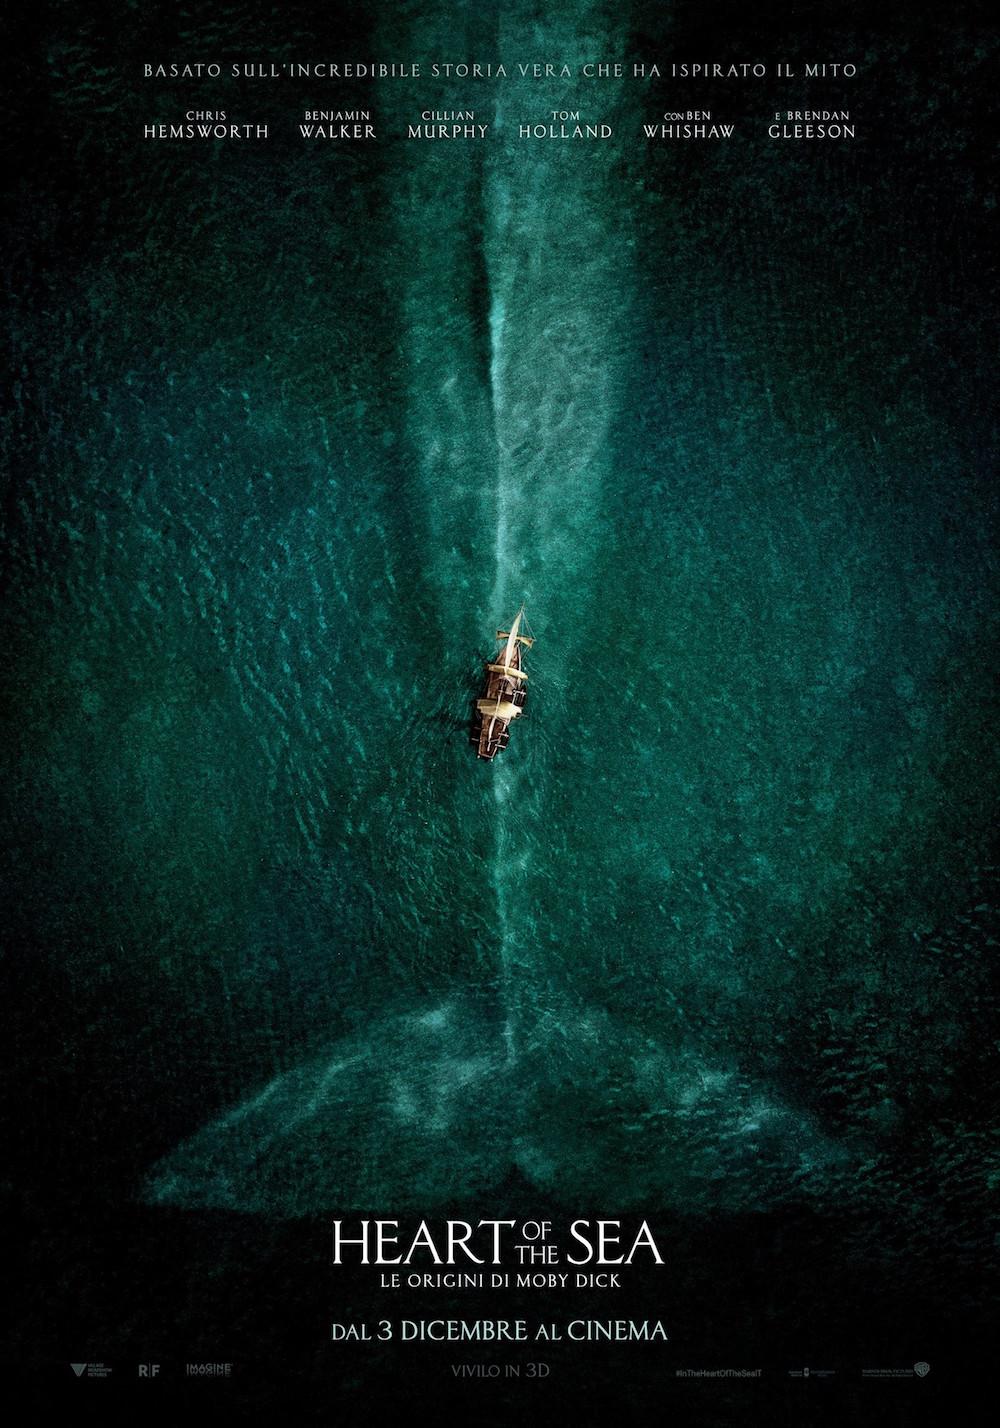 Heart of the Sea - Le origini di Moby Dick, trailer e clip dal film